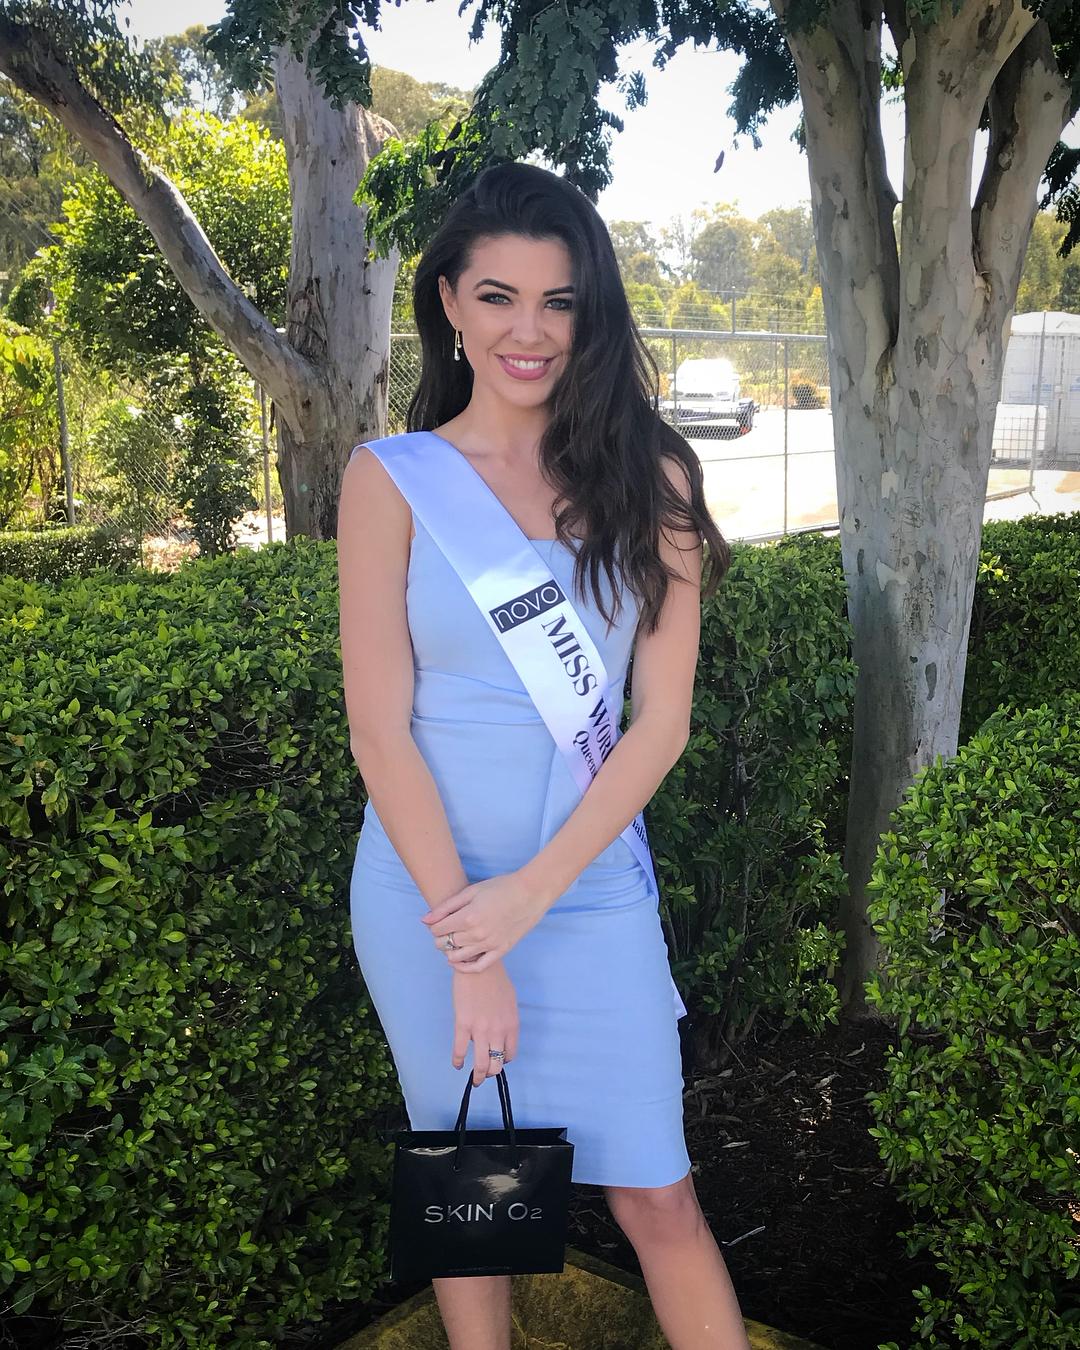 candidatas a miss world australia 2018. final: 31 agosto. - Página 5 Lri4y2fu